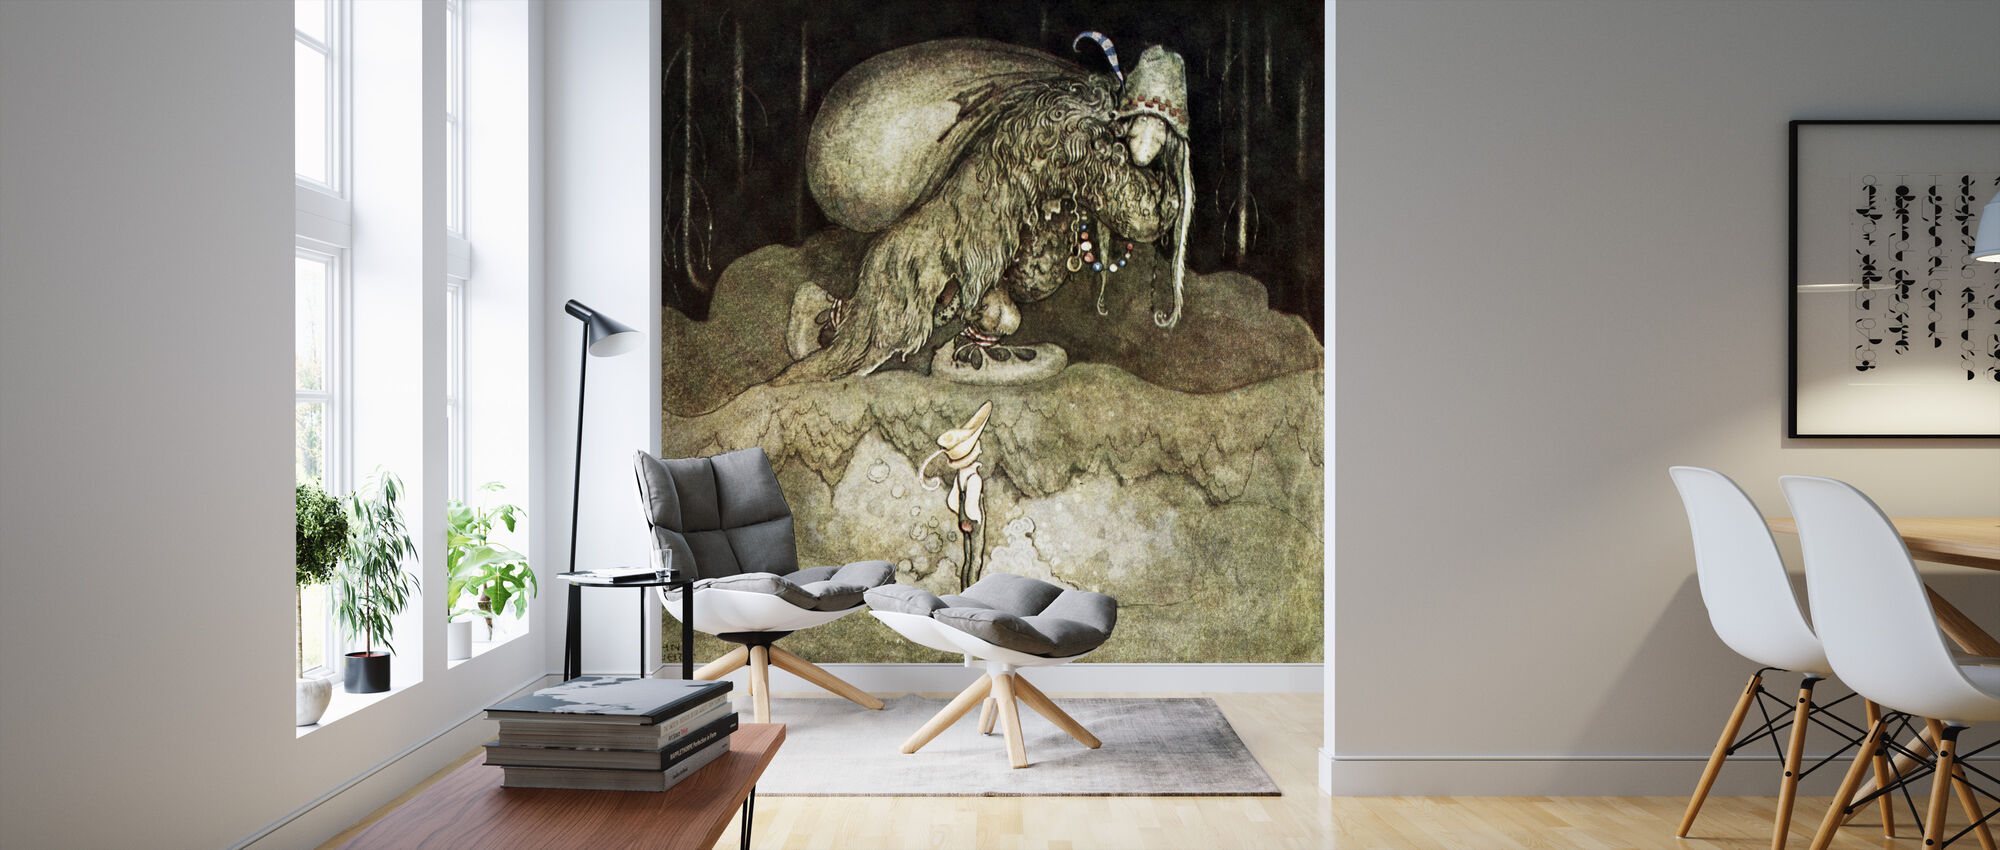 John Bauer - Trollskog - Wallpaper - Living Room